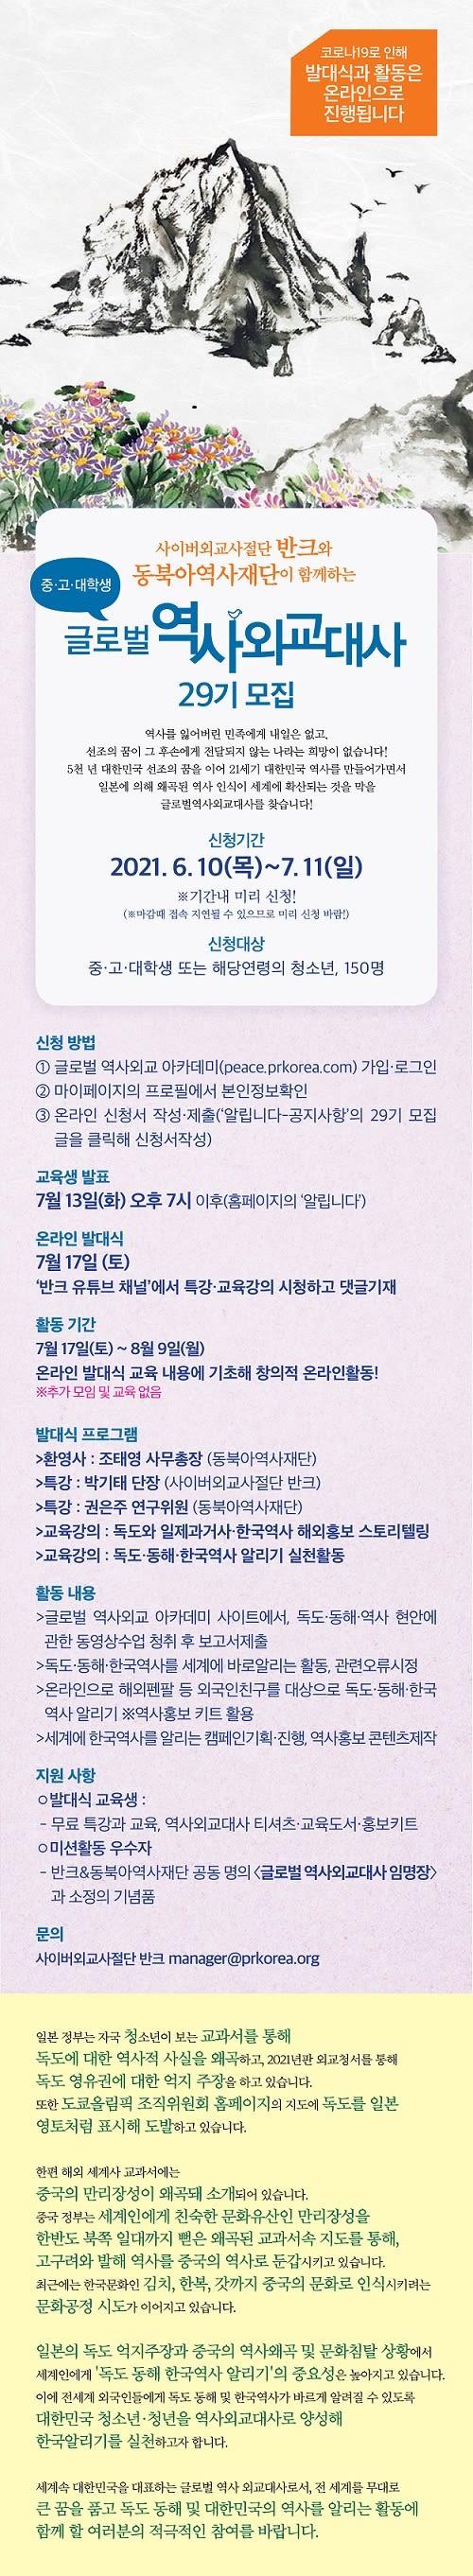 반크-동북아역사재단, 글로벌 역사외교대사29기 모집